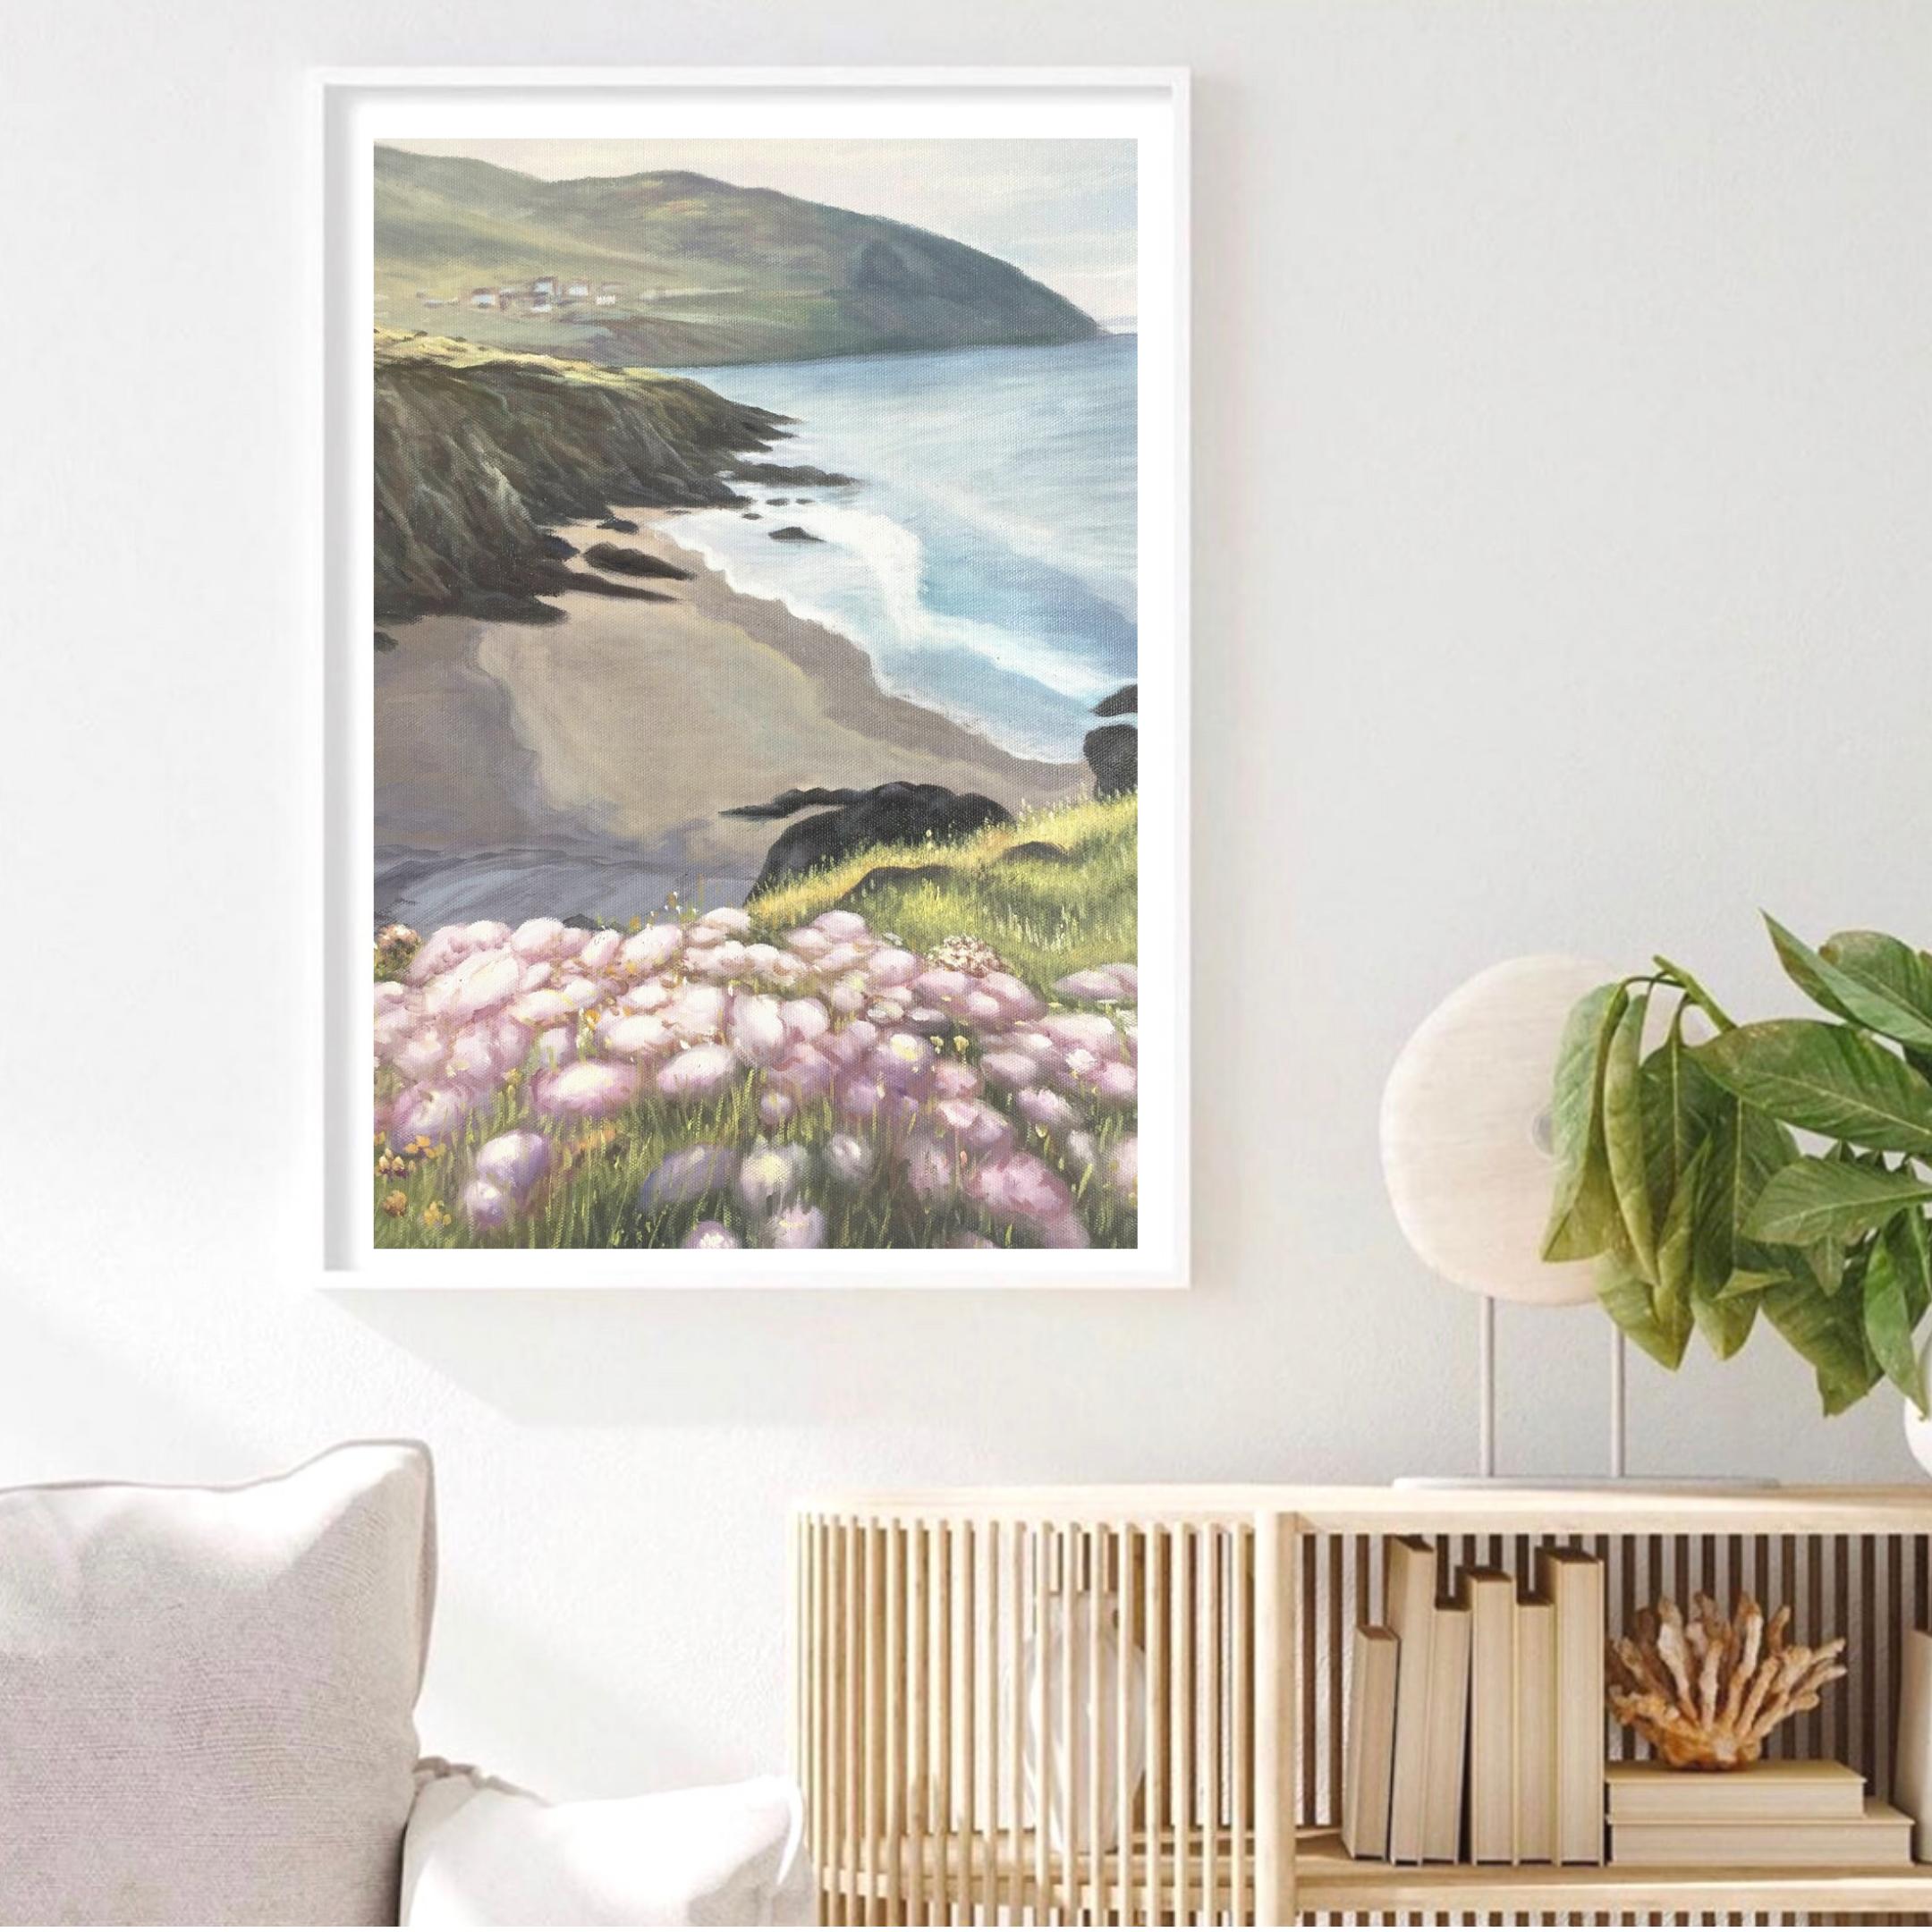 paintru-commission-custom-art-california-coast-travelgram